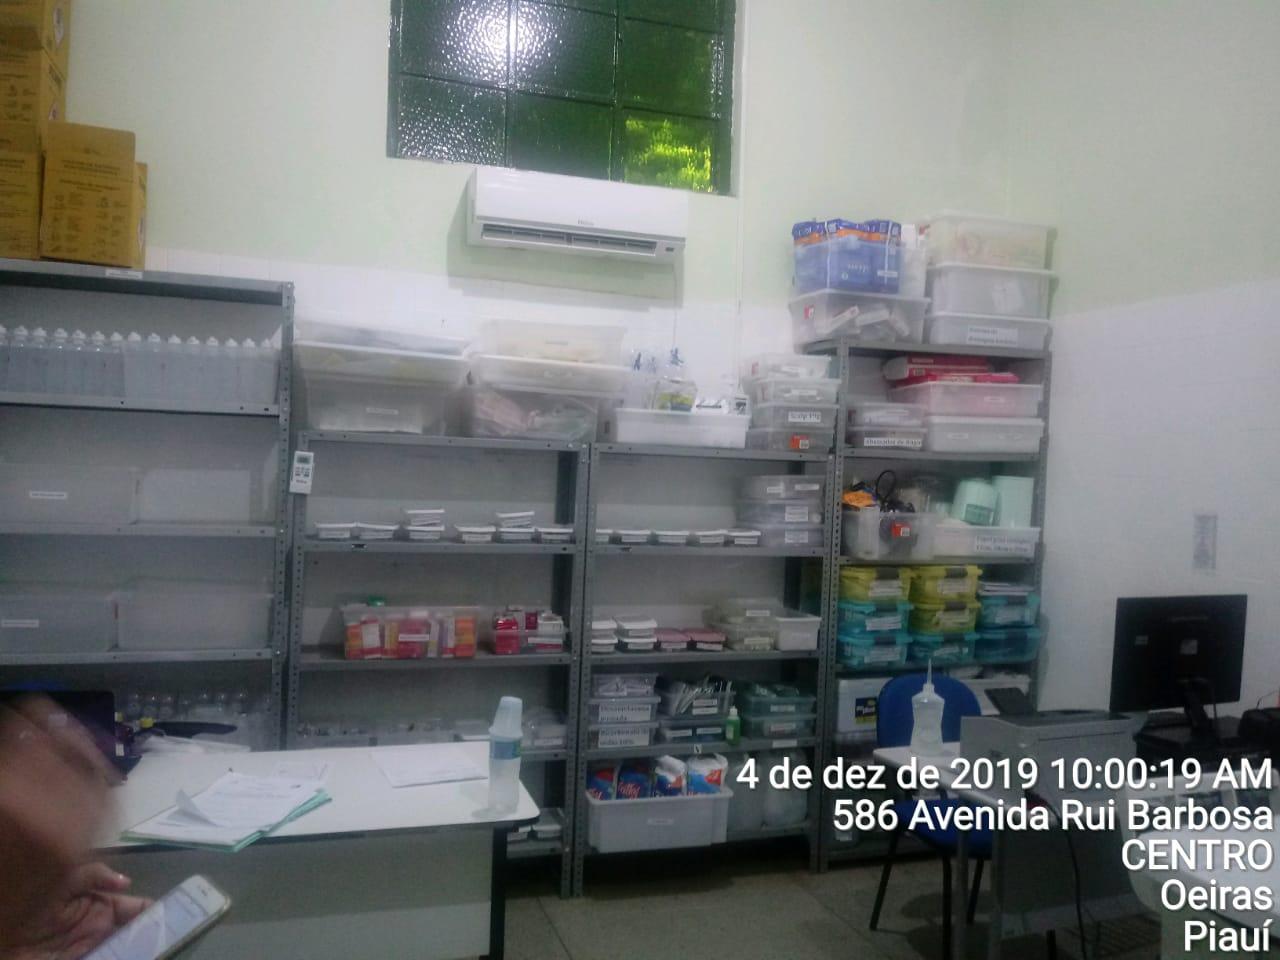 Não há nenhum termohigrômetro na sala de medicamentos, apenas o ar condicionado.